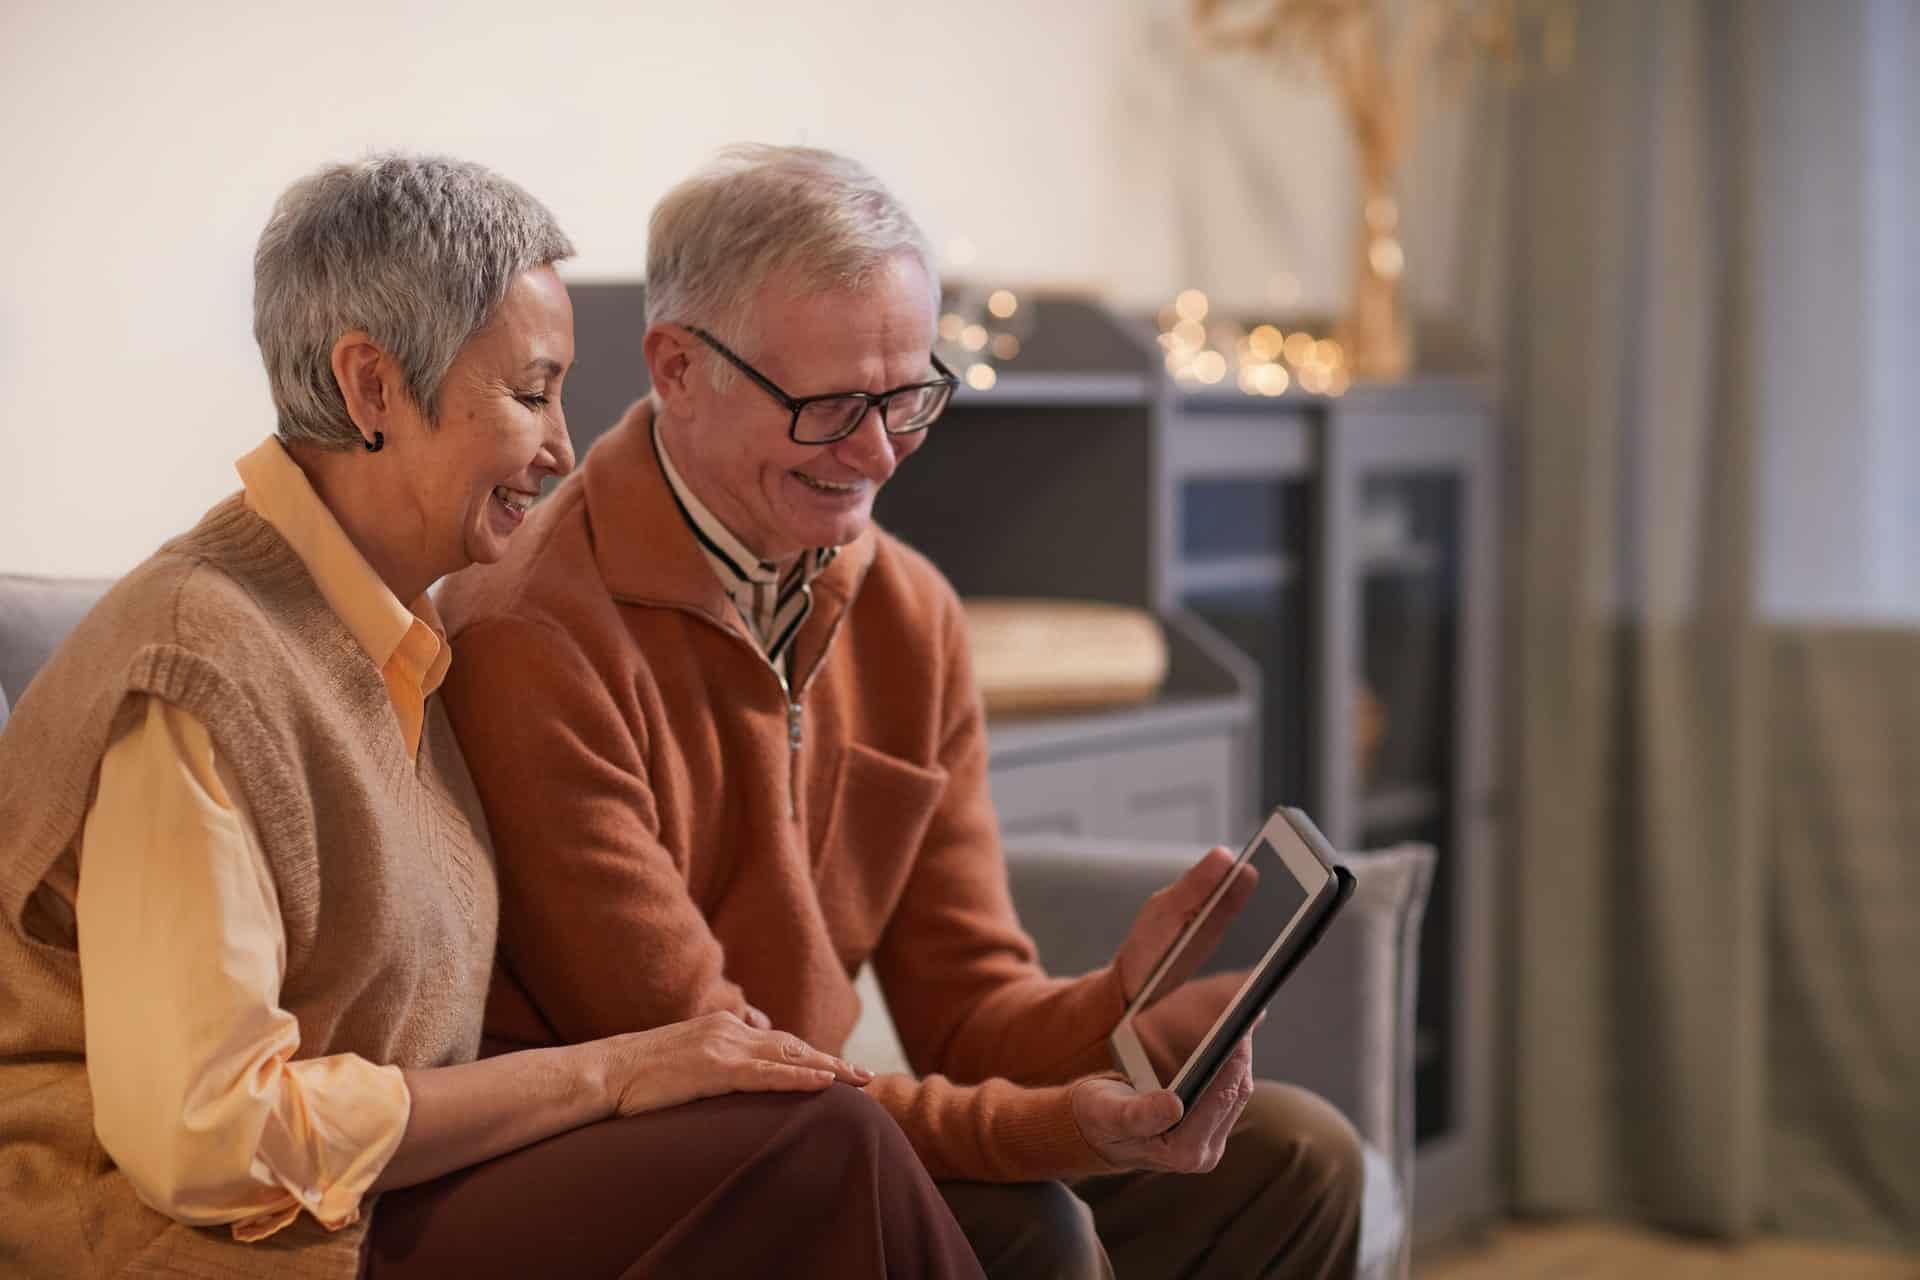 digital picture frame for grandparents